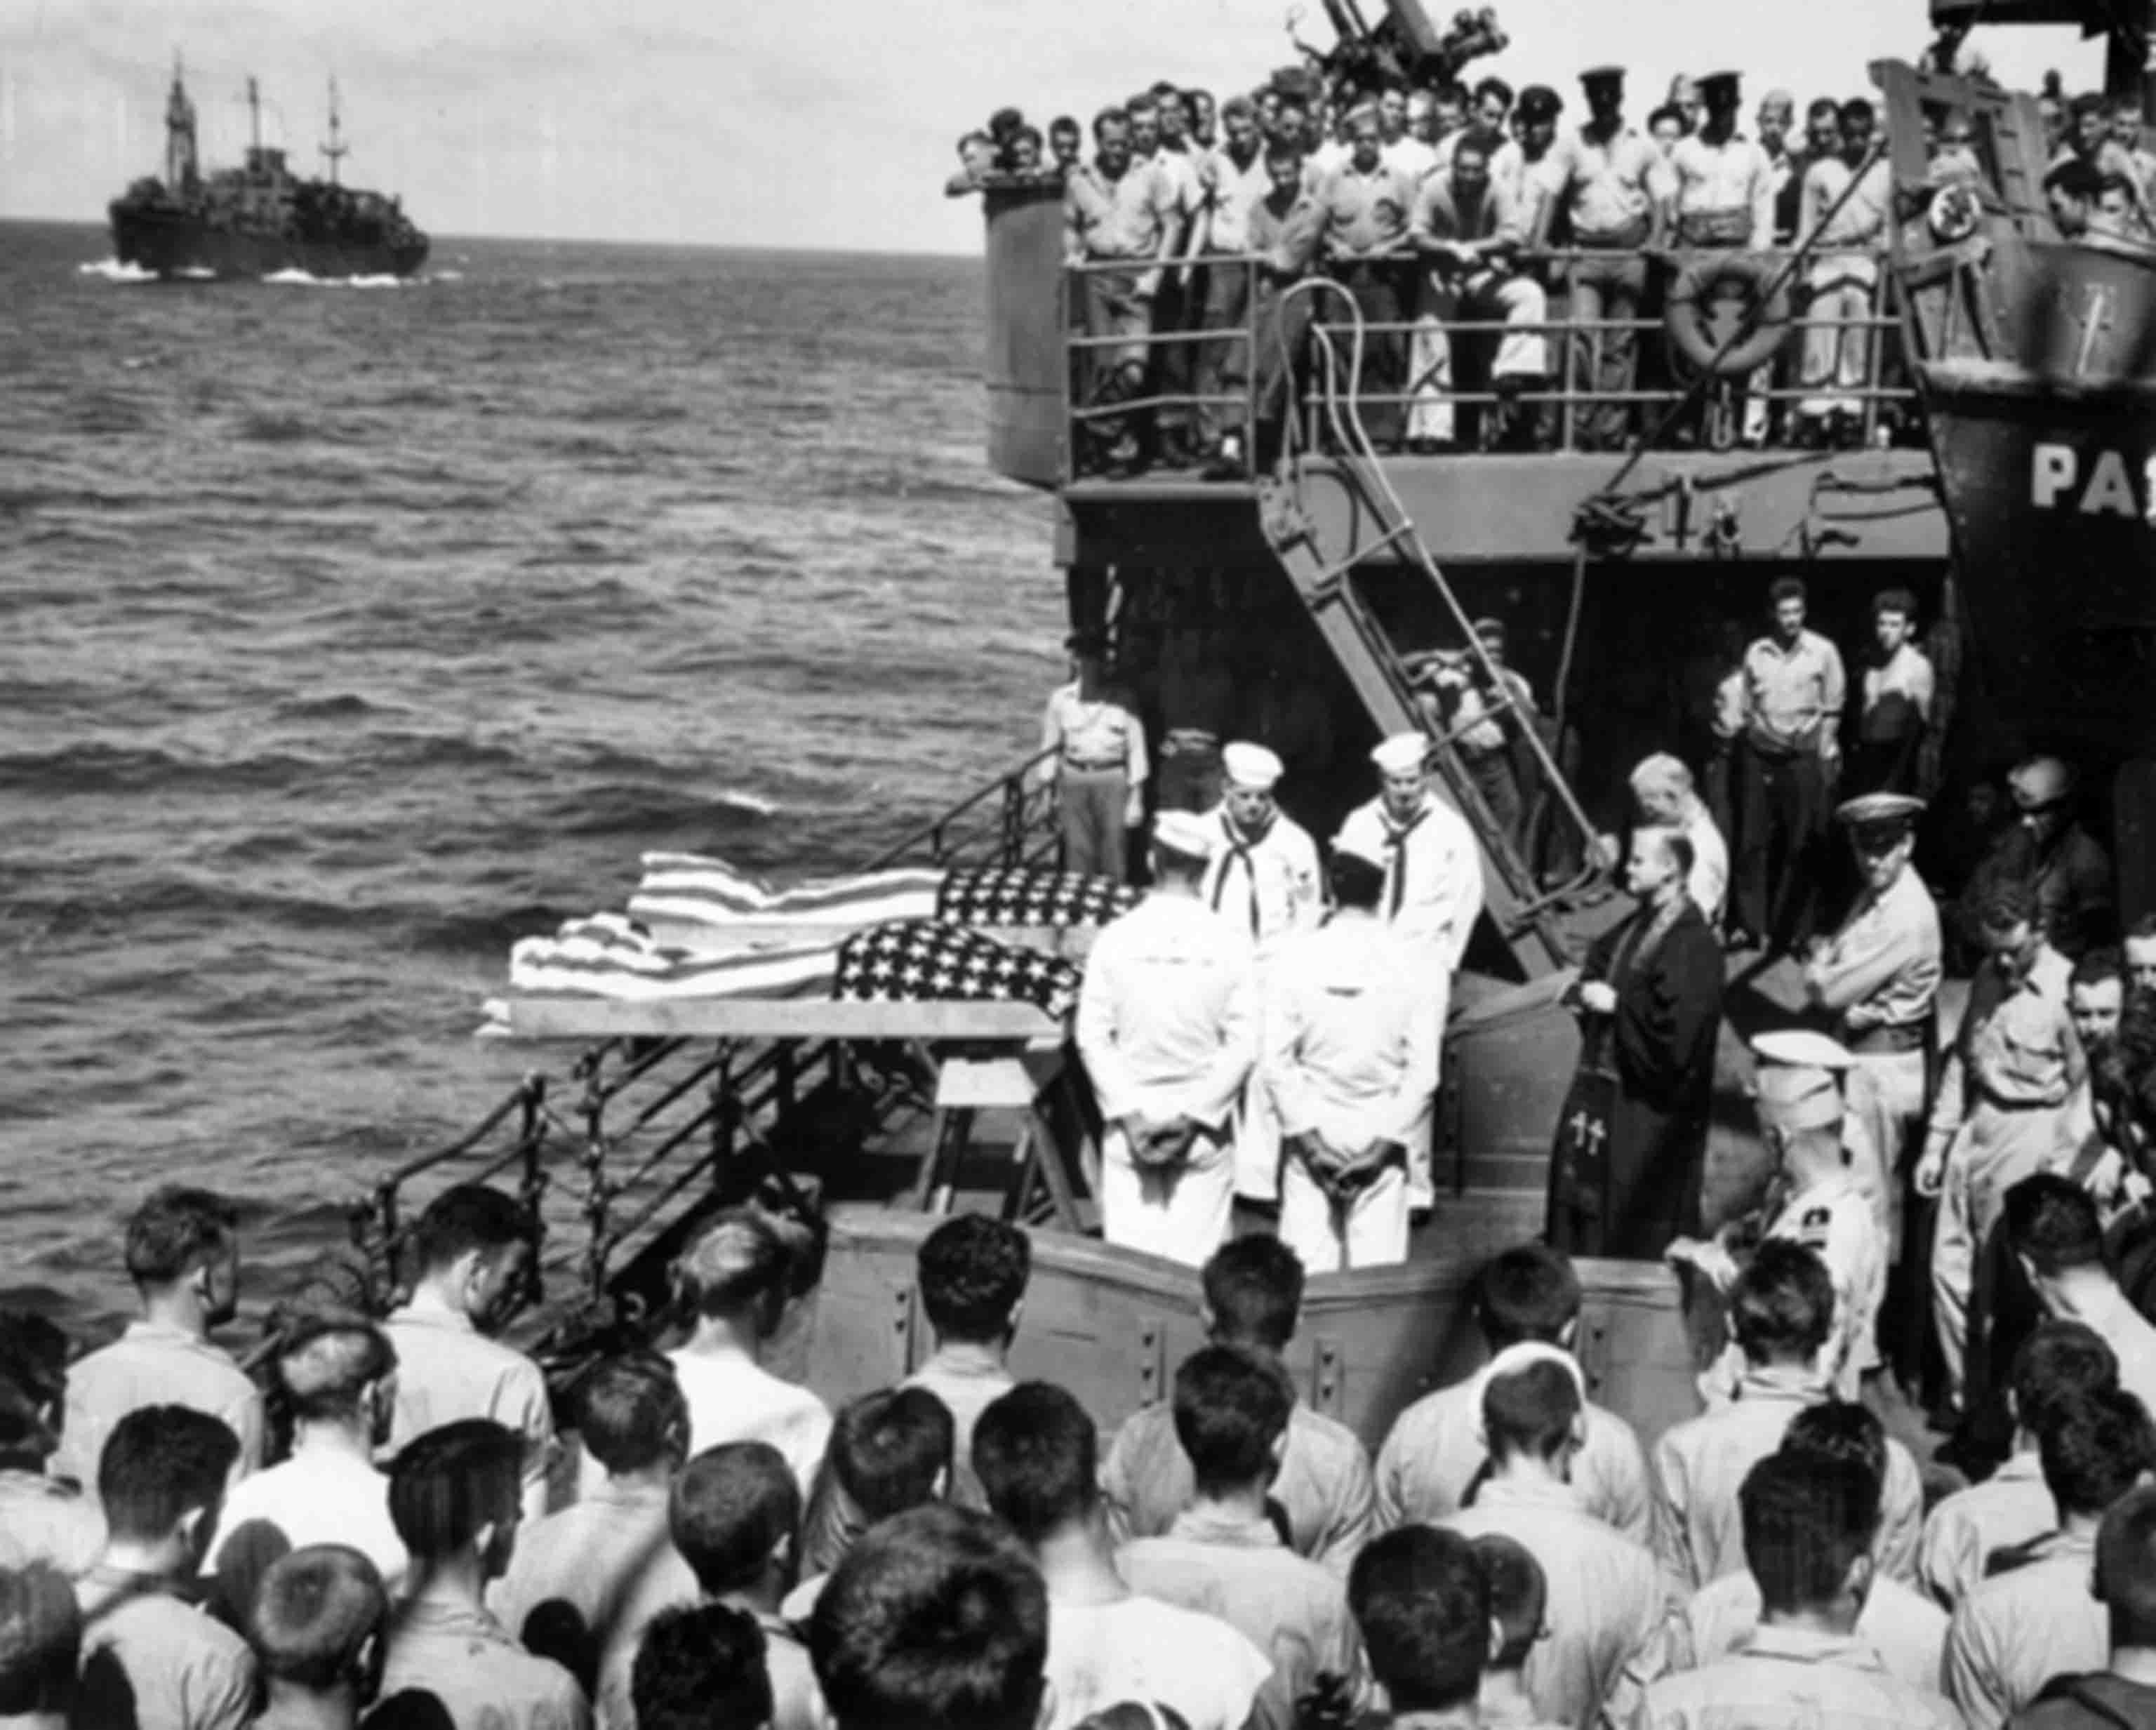 Funeral of American sailors